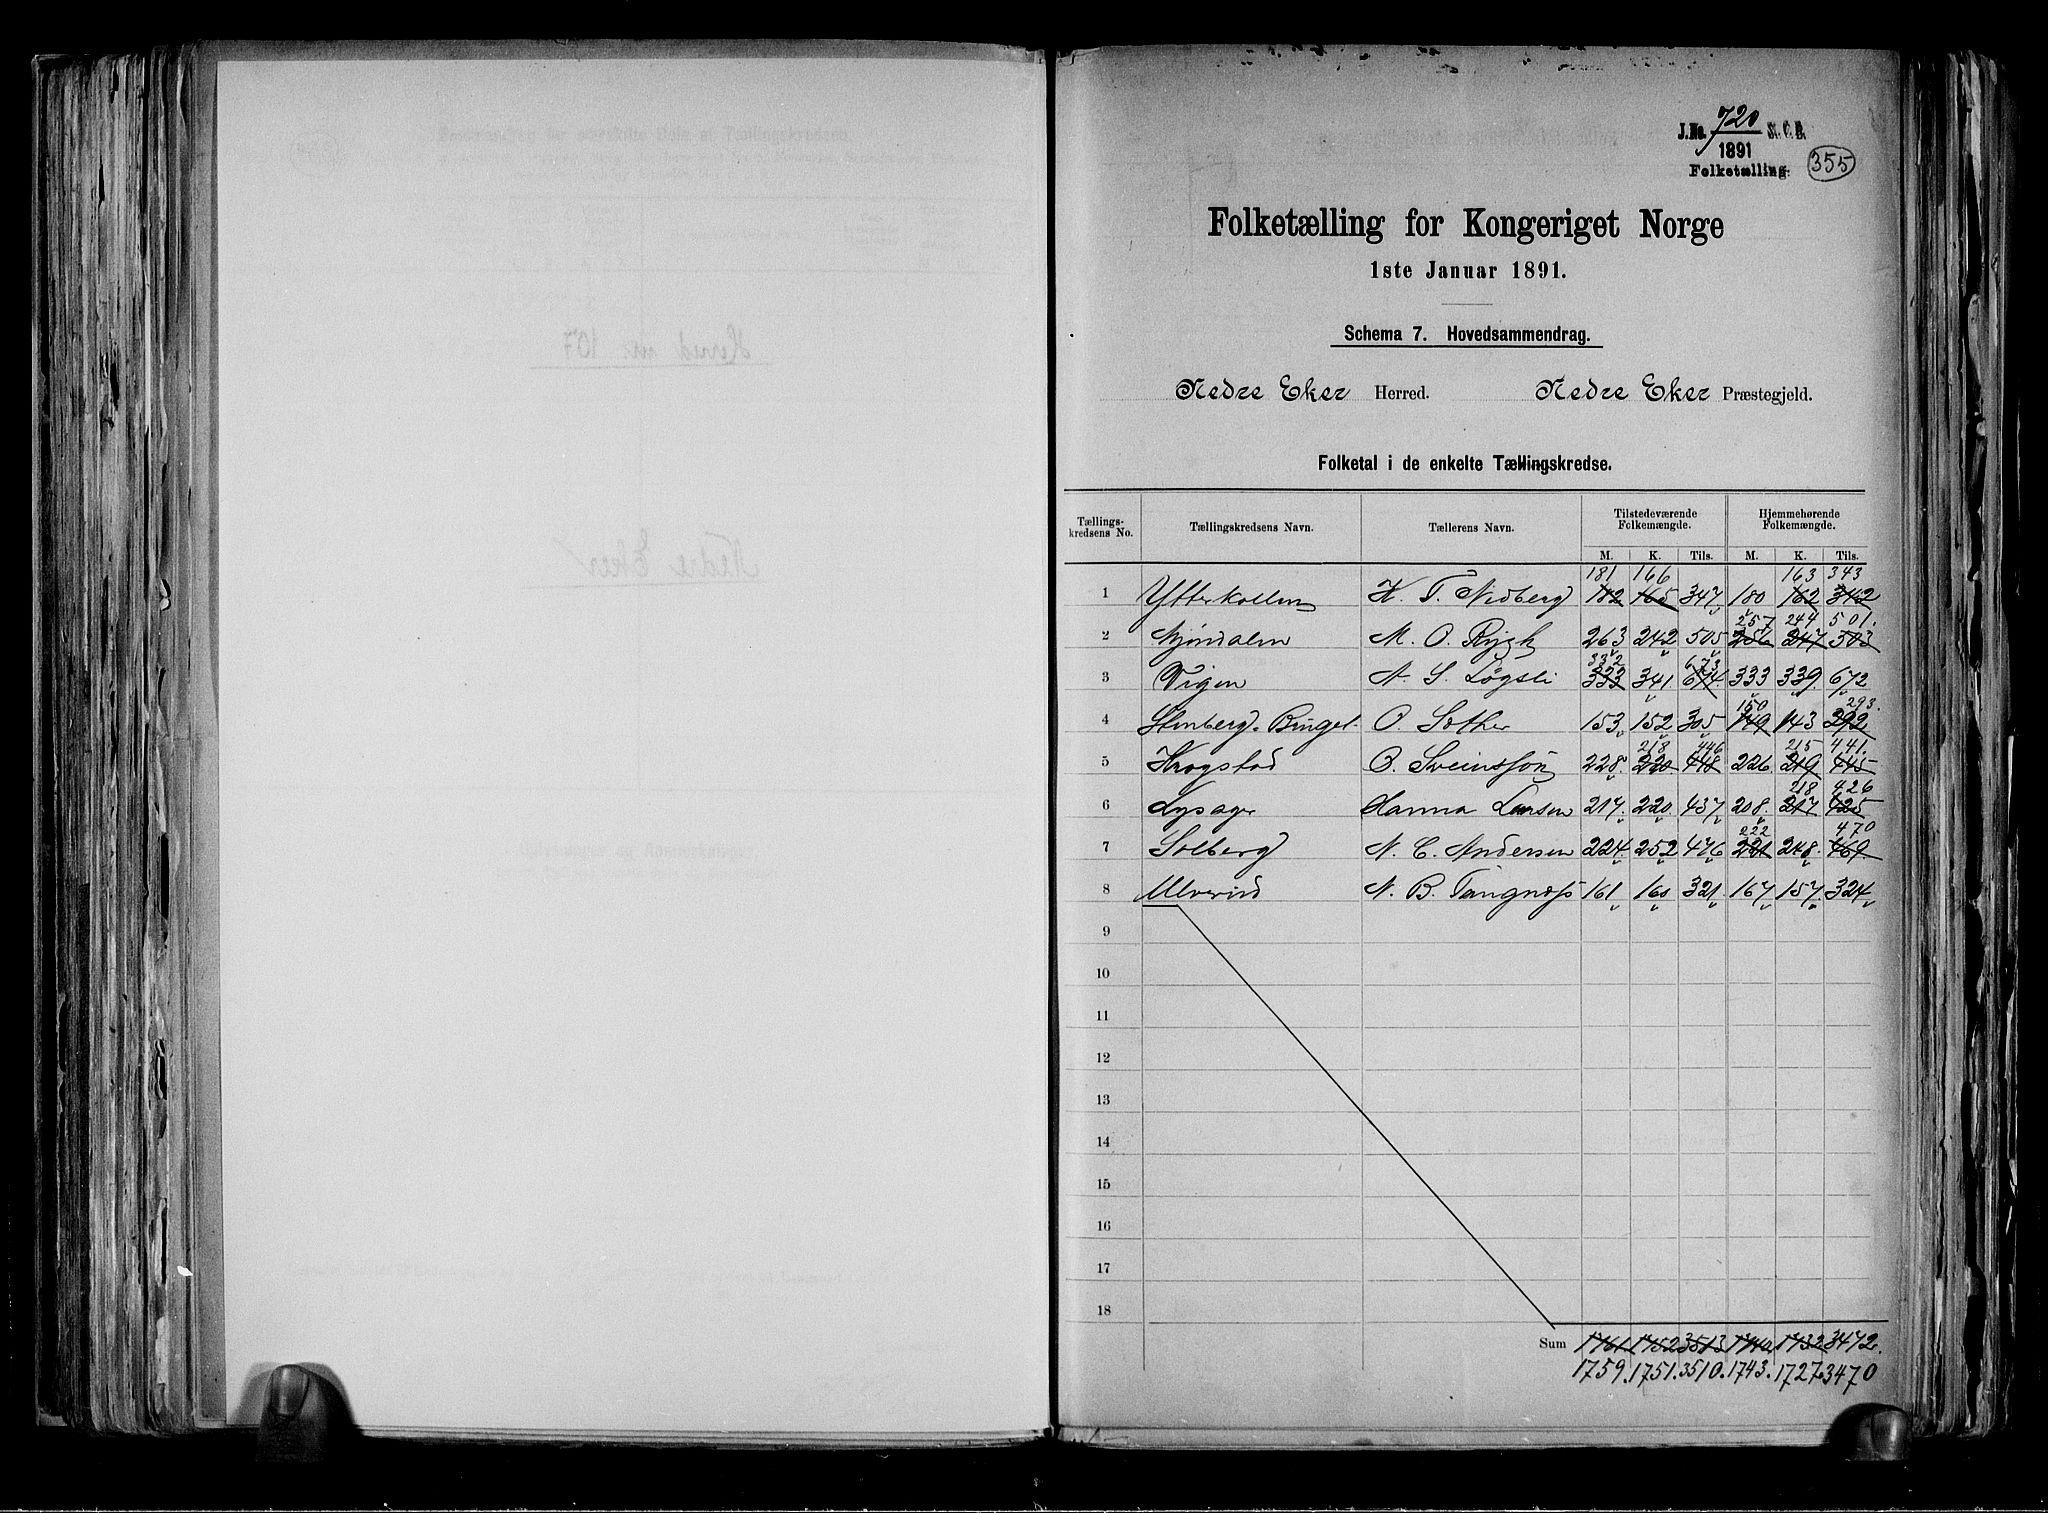 RA, Folketelling 1891 for 0625 Nedre Eiker herred, 1891, s. 2